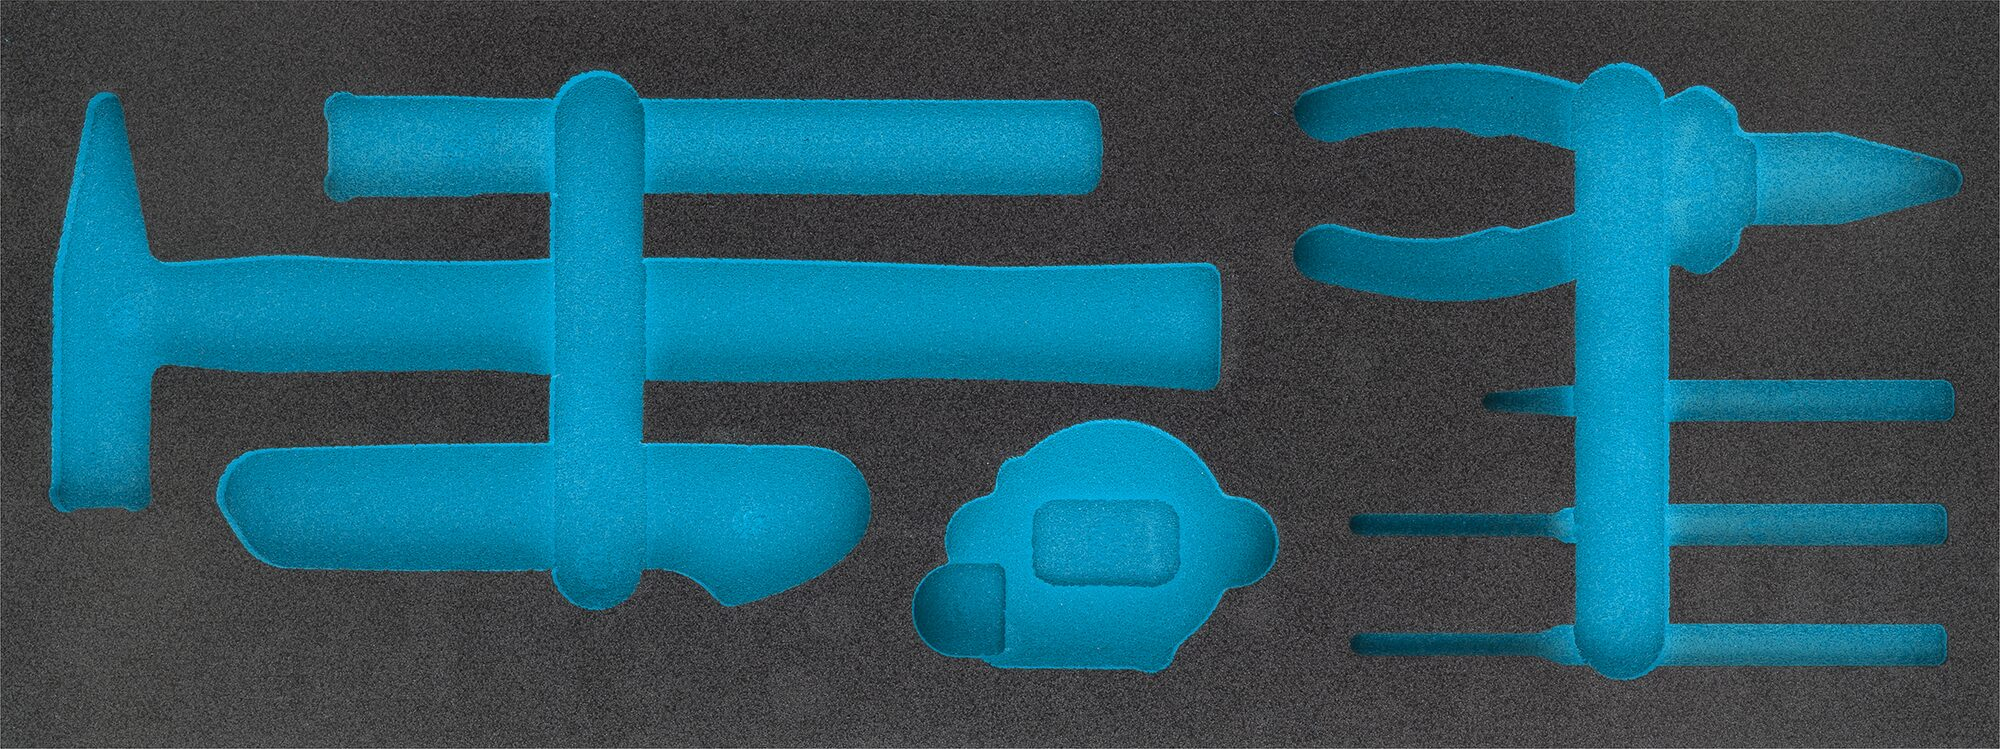 HAZET 2-Komponenten Weichschaum-Einlage 163-456L